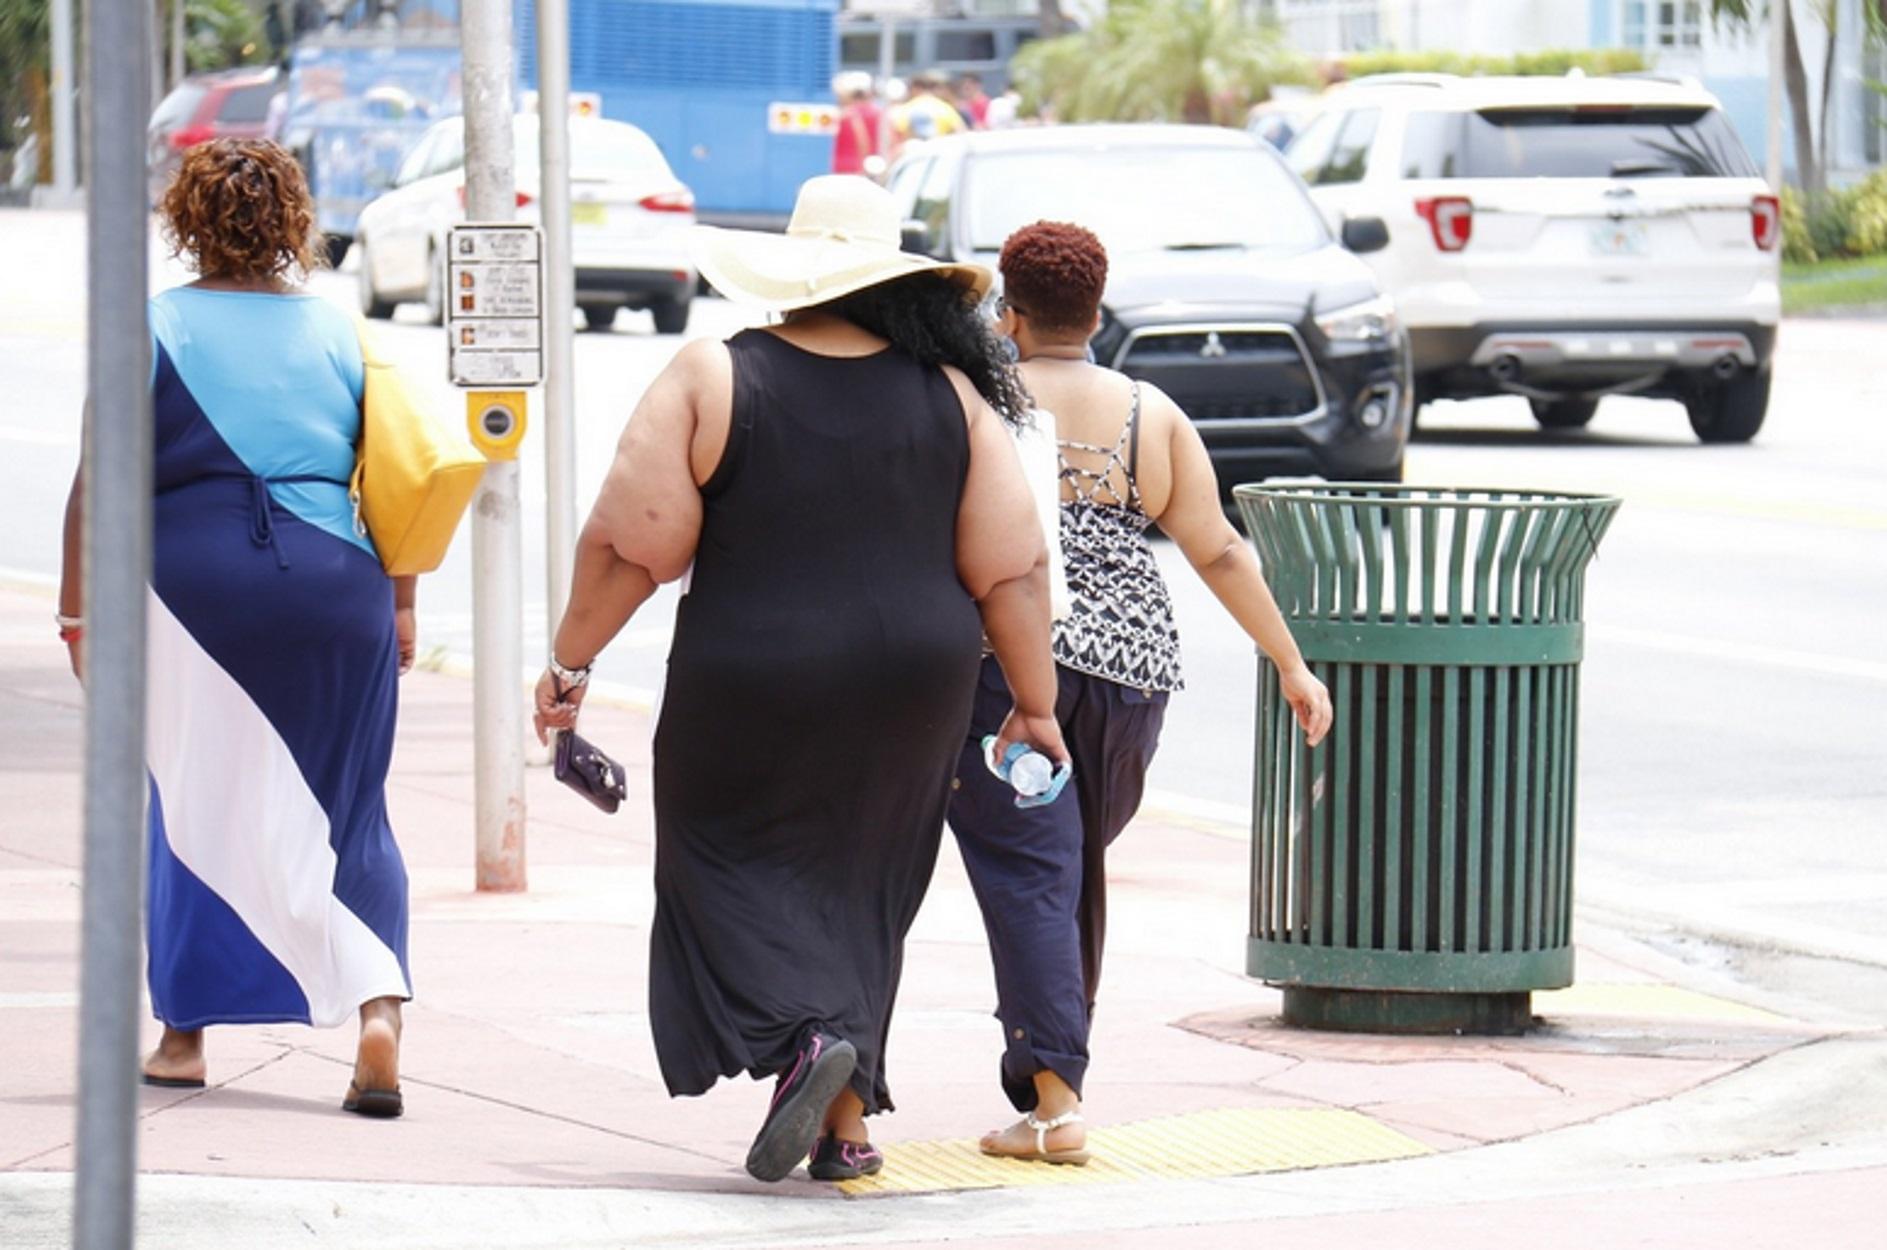 ΗΠΑ – Έρευνα: Το αυξημένο βάρος στα 60 συνδέεται με τη γήρανση του εγκεφάλου!